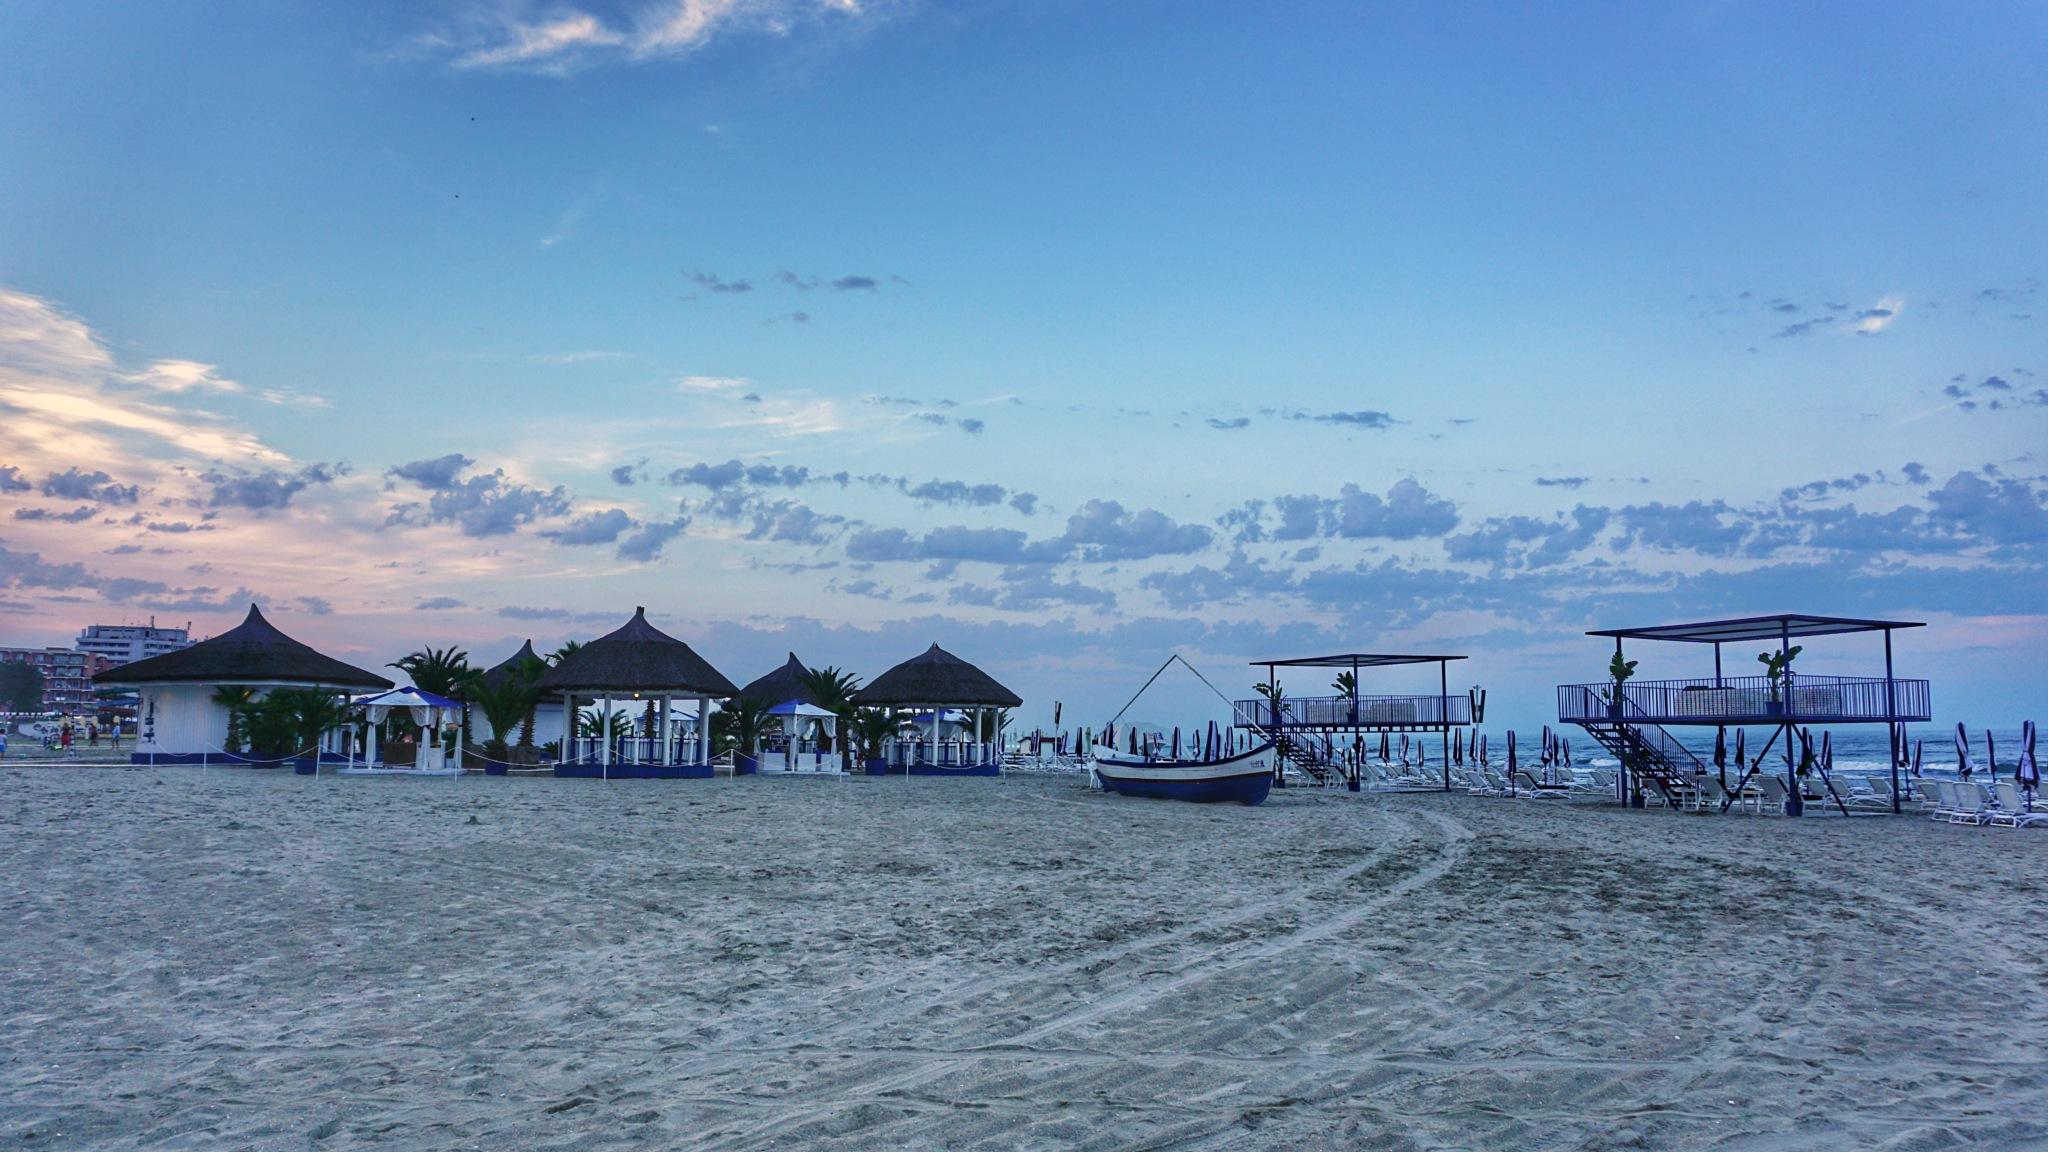 A walk on fhe beach by Costin0509